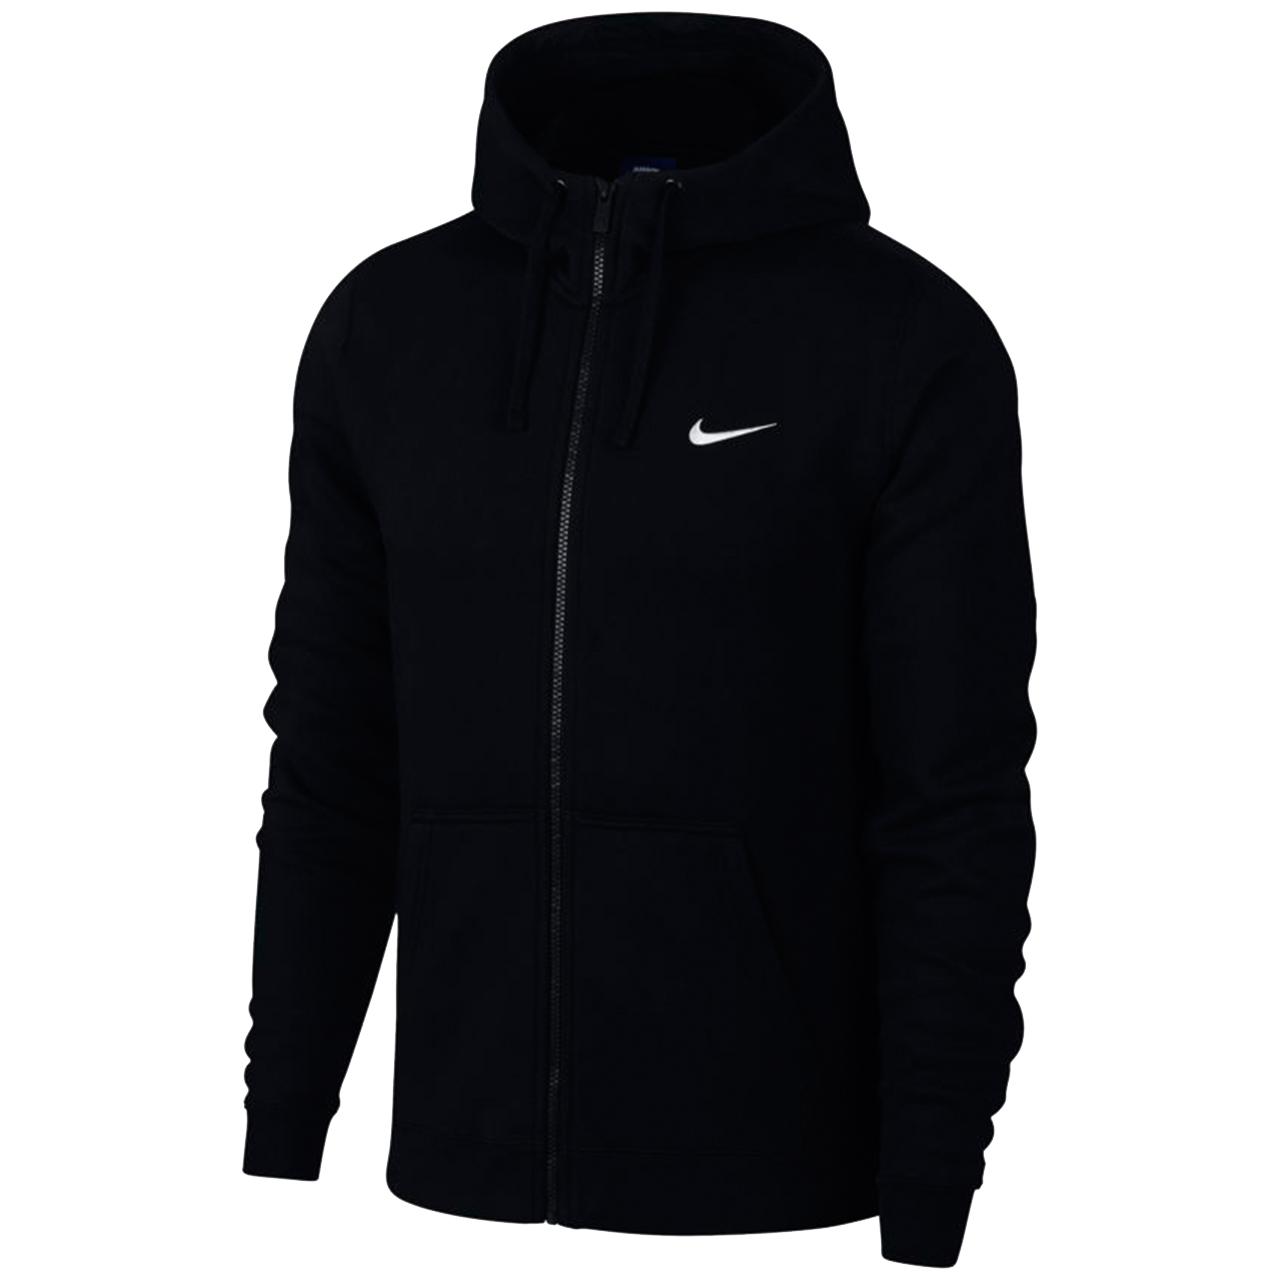 هودی مردانه نایکی مدل Sportswear - 886640-010